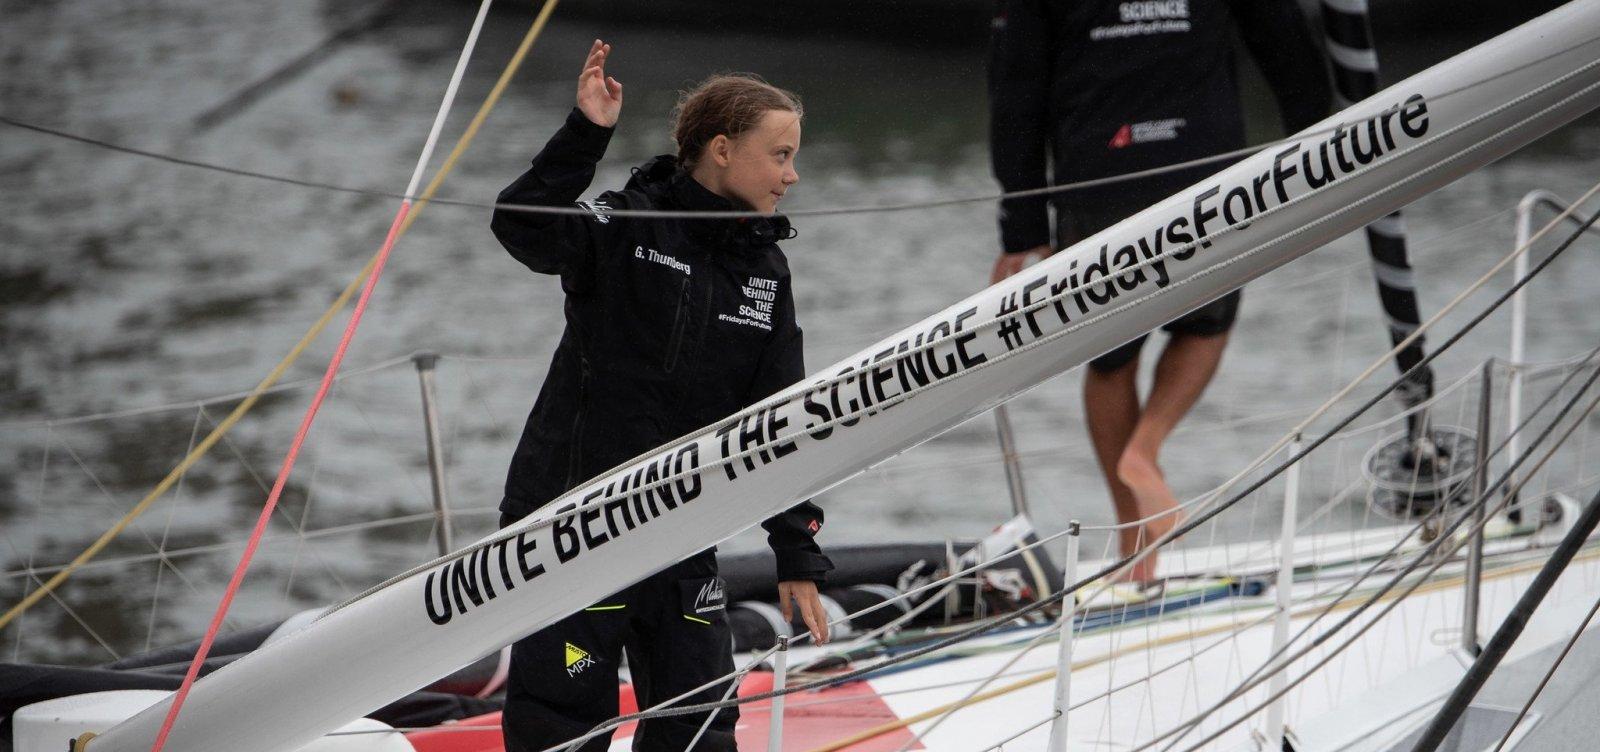 [Ativista Greta Thunberg ganha prêmio da Anistia Internacional]